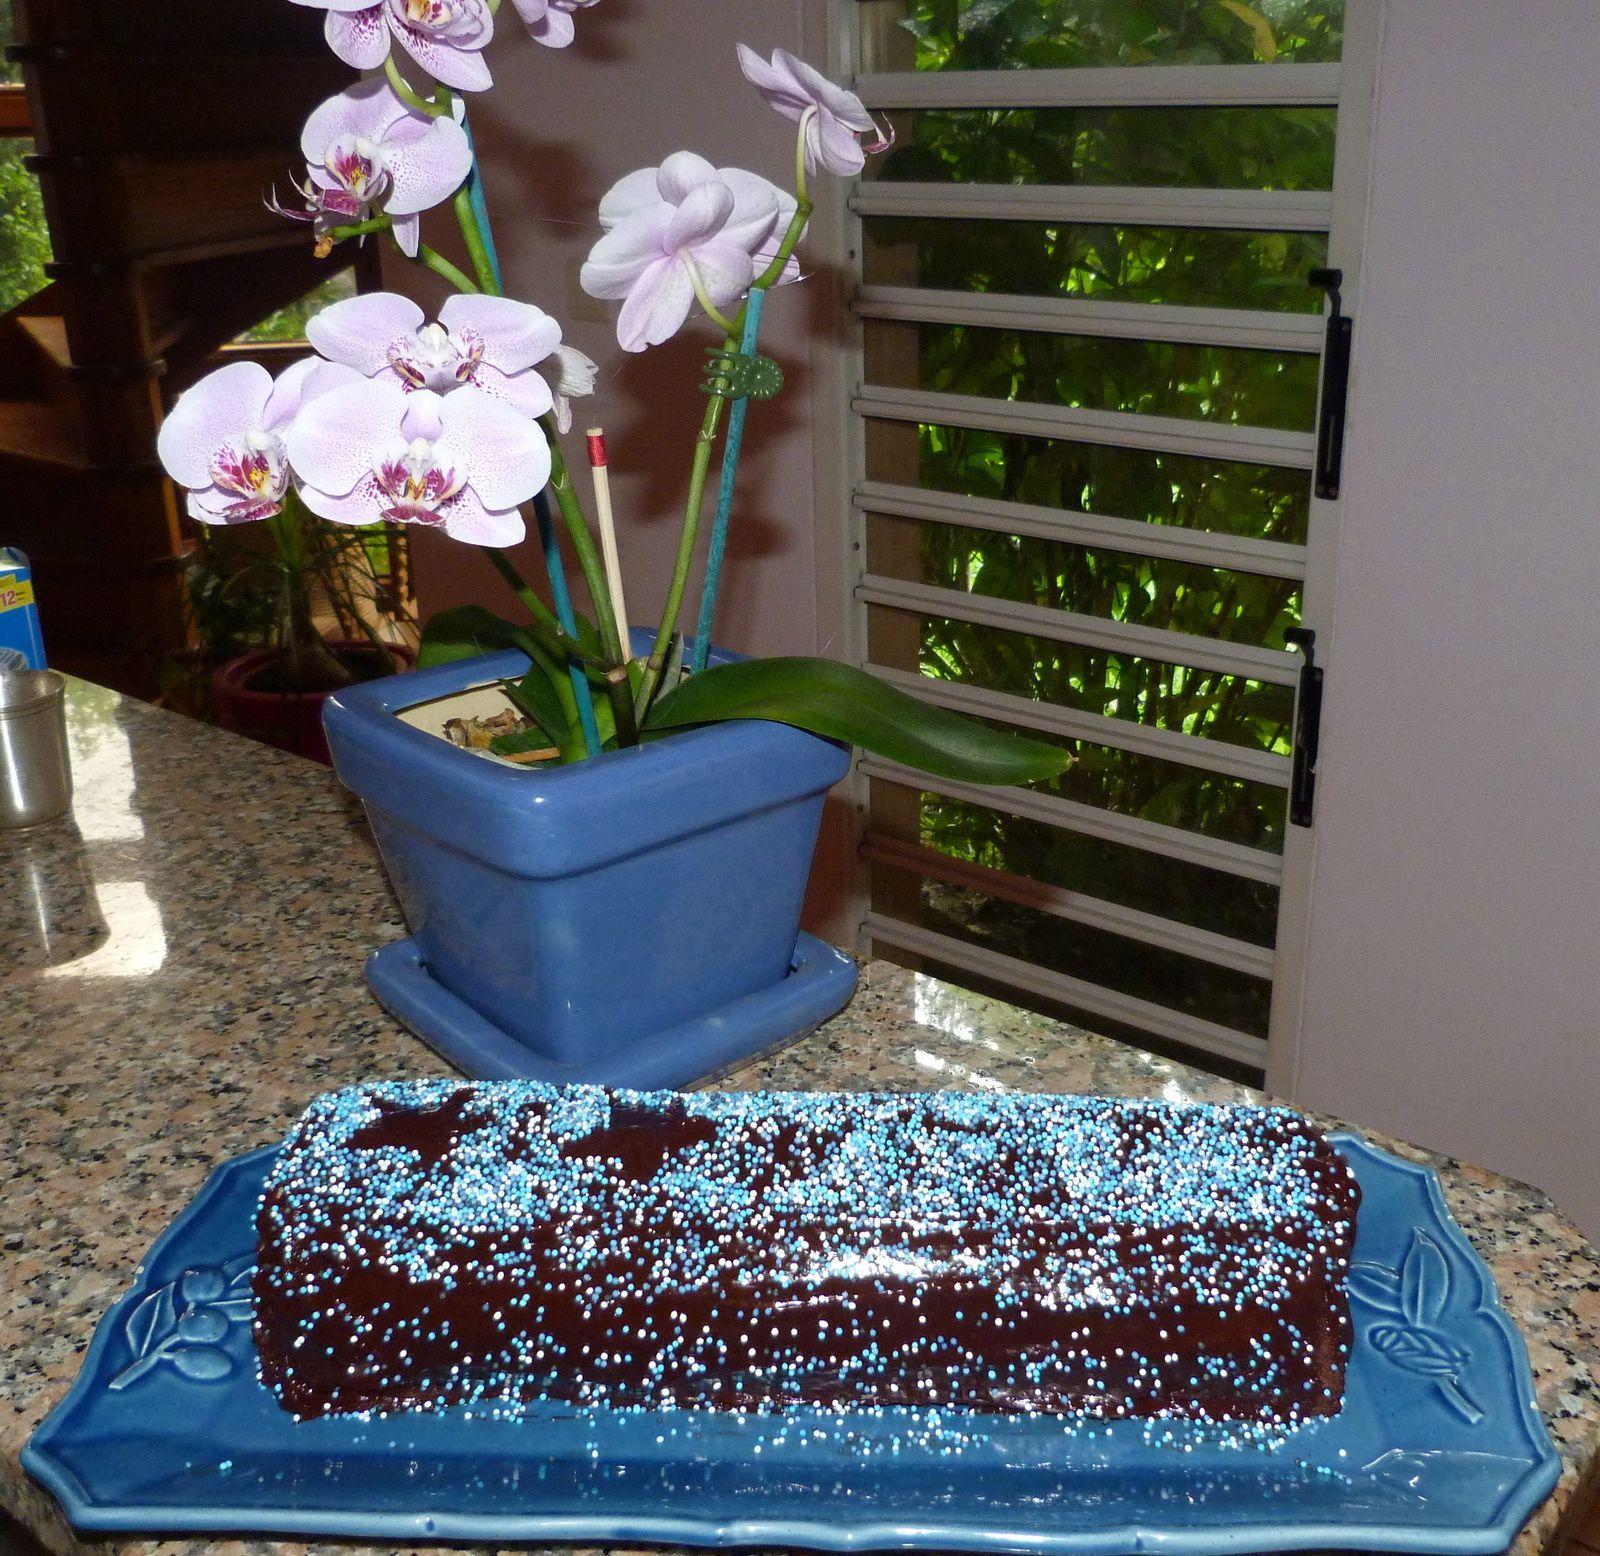 Bûche exquise chocolat- mousse chocolat blanc-fève tonka